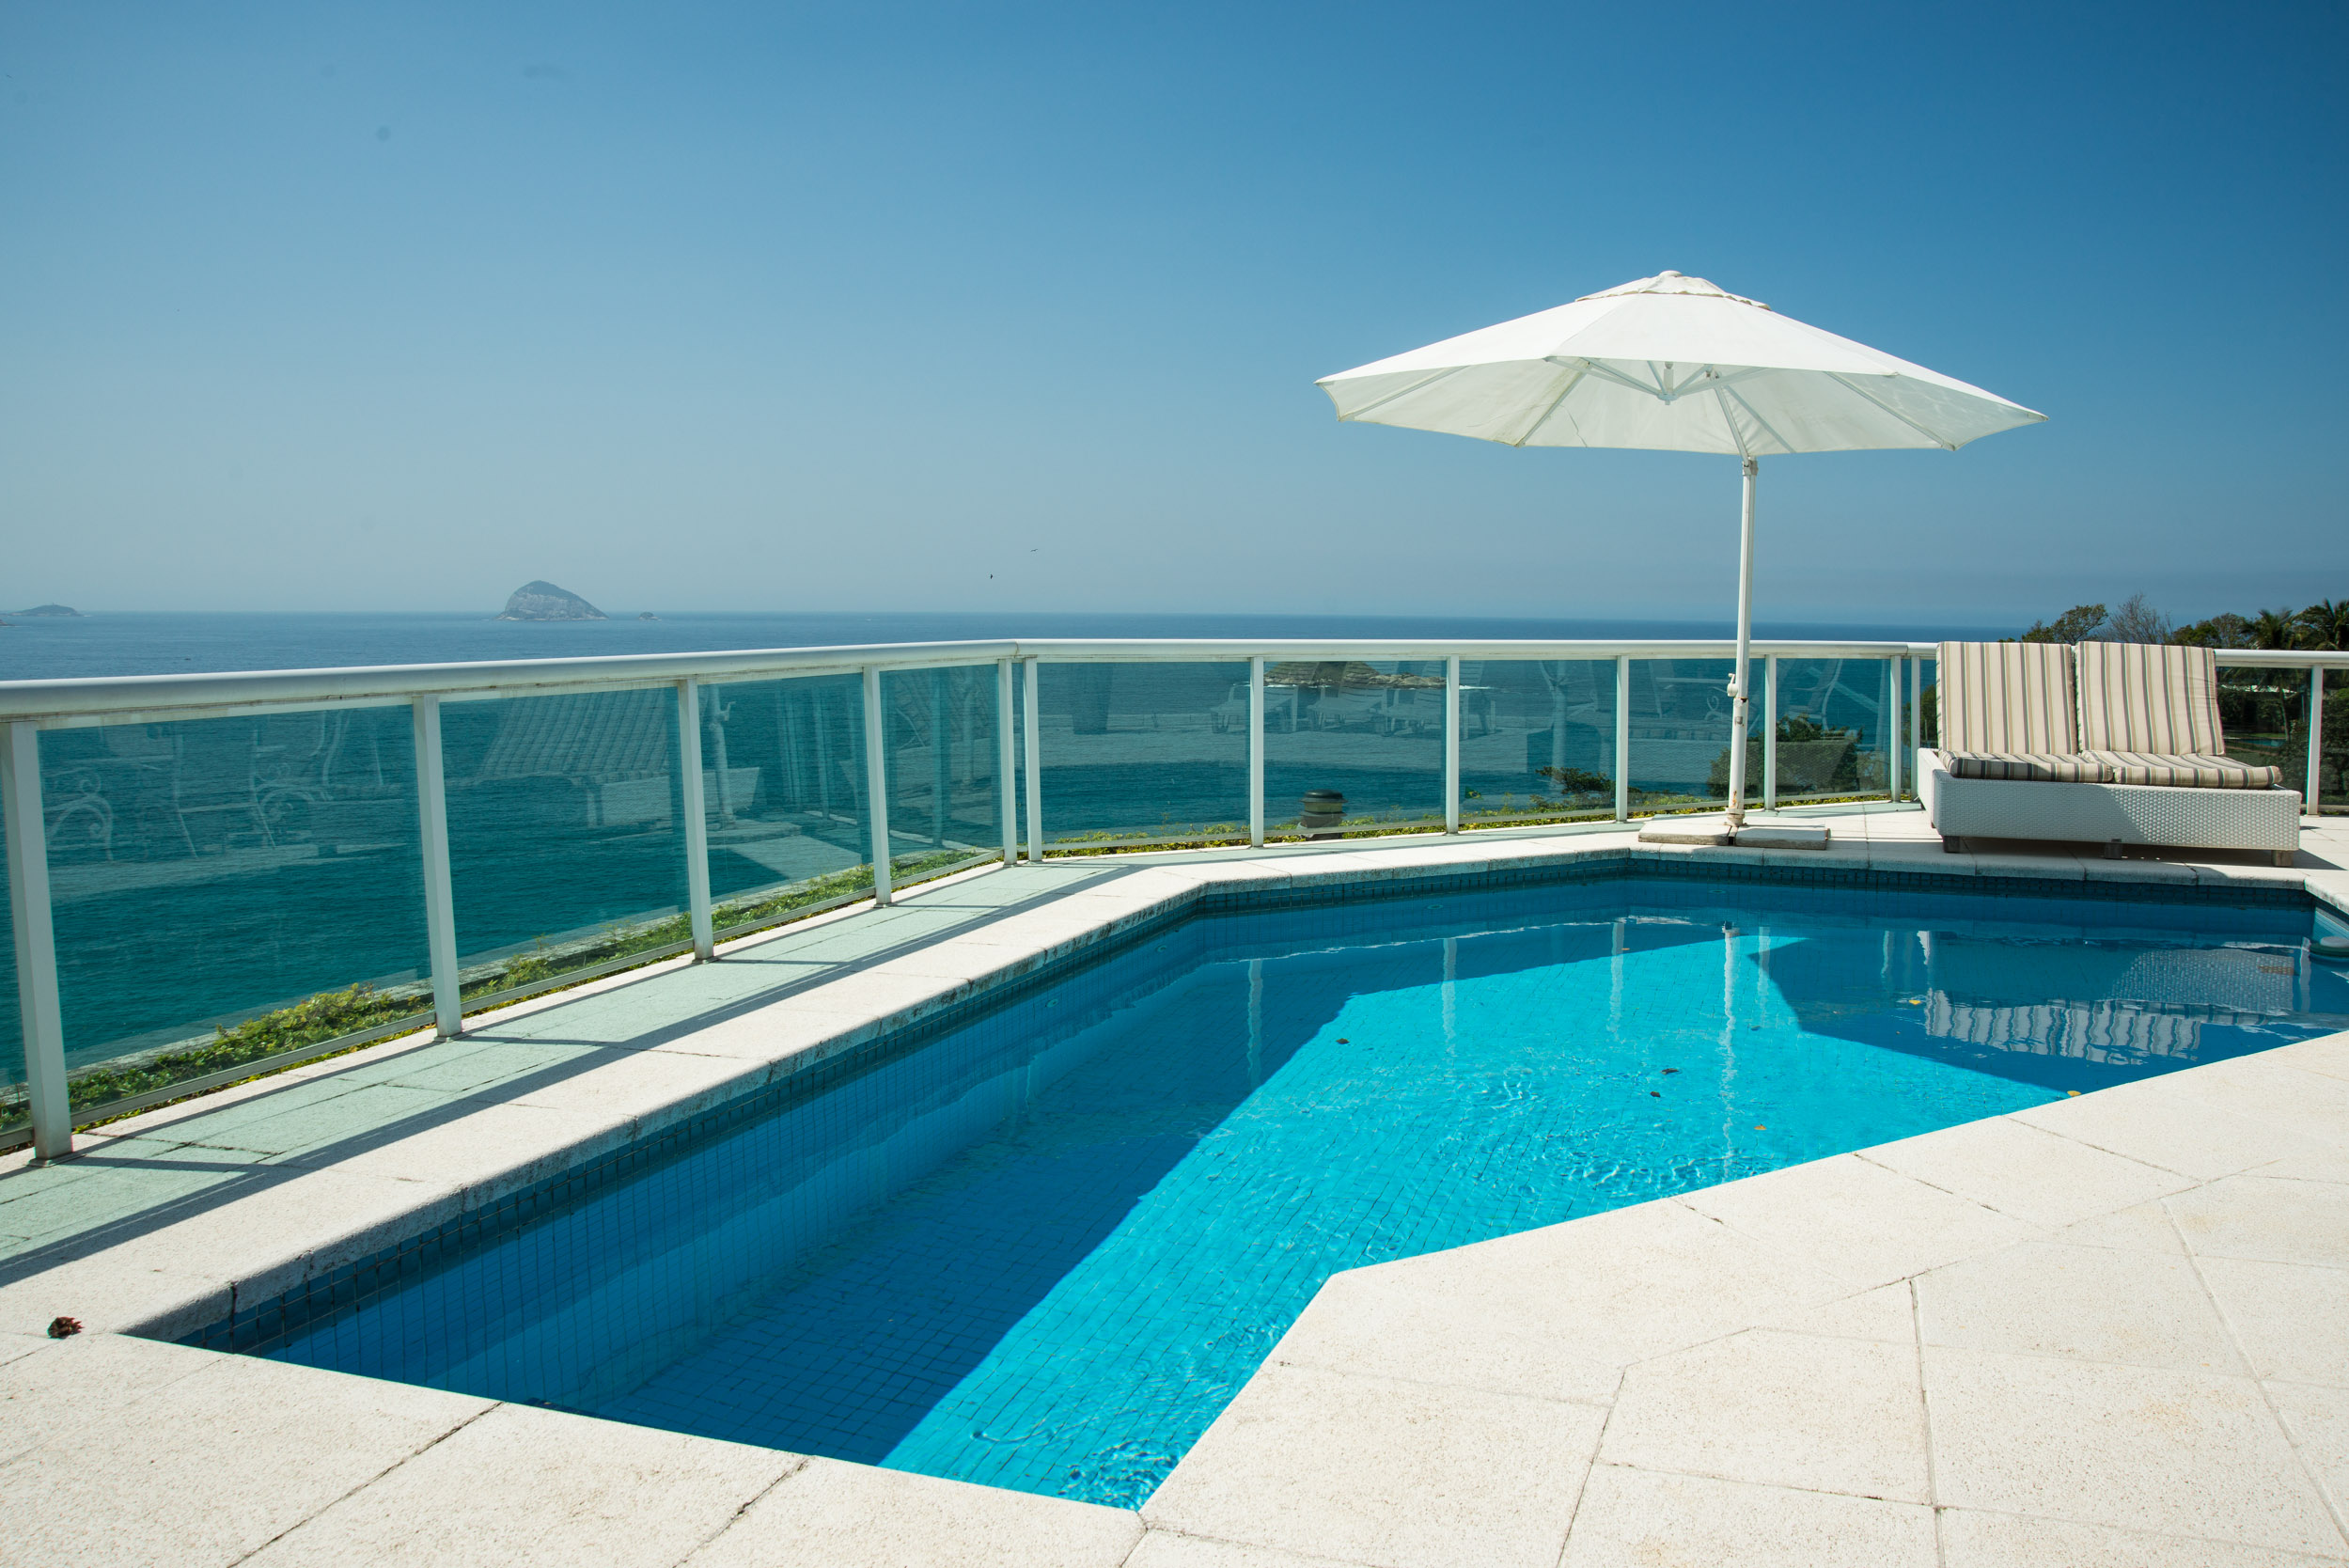 Частный односемейный дом для того Продажа на Beautiful House at Joá Rua Jackson de Figueiredo Rio De Janeiro, Рио-Де-Жанейро, 22611000 Бразилия